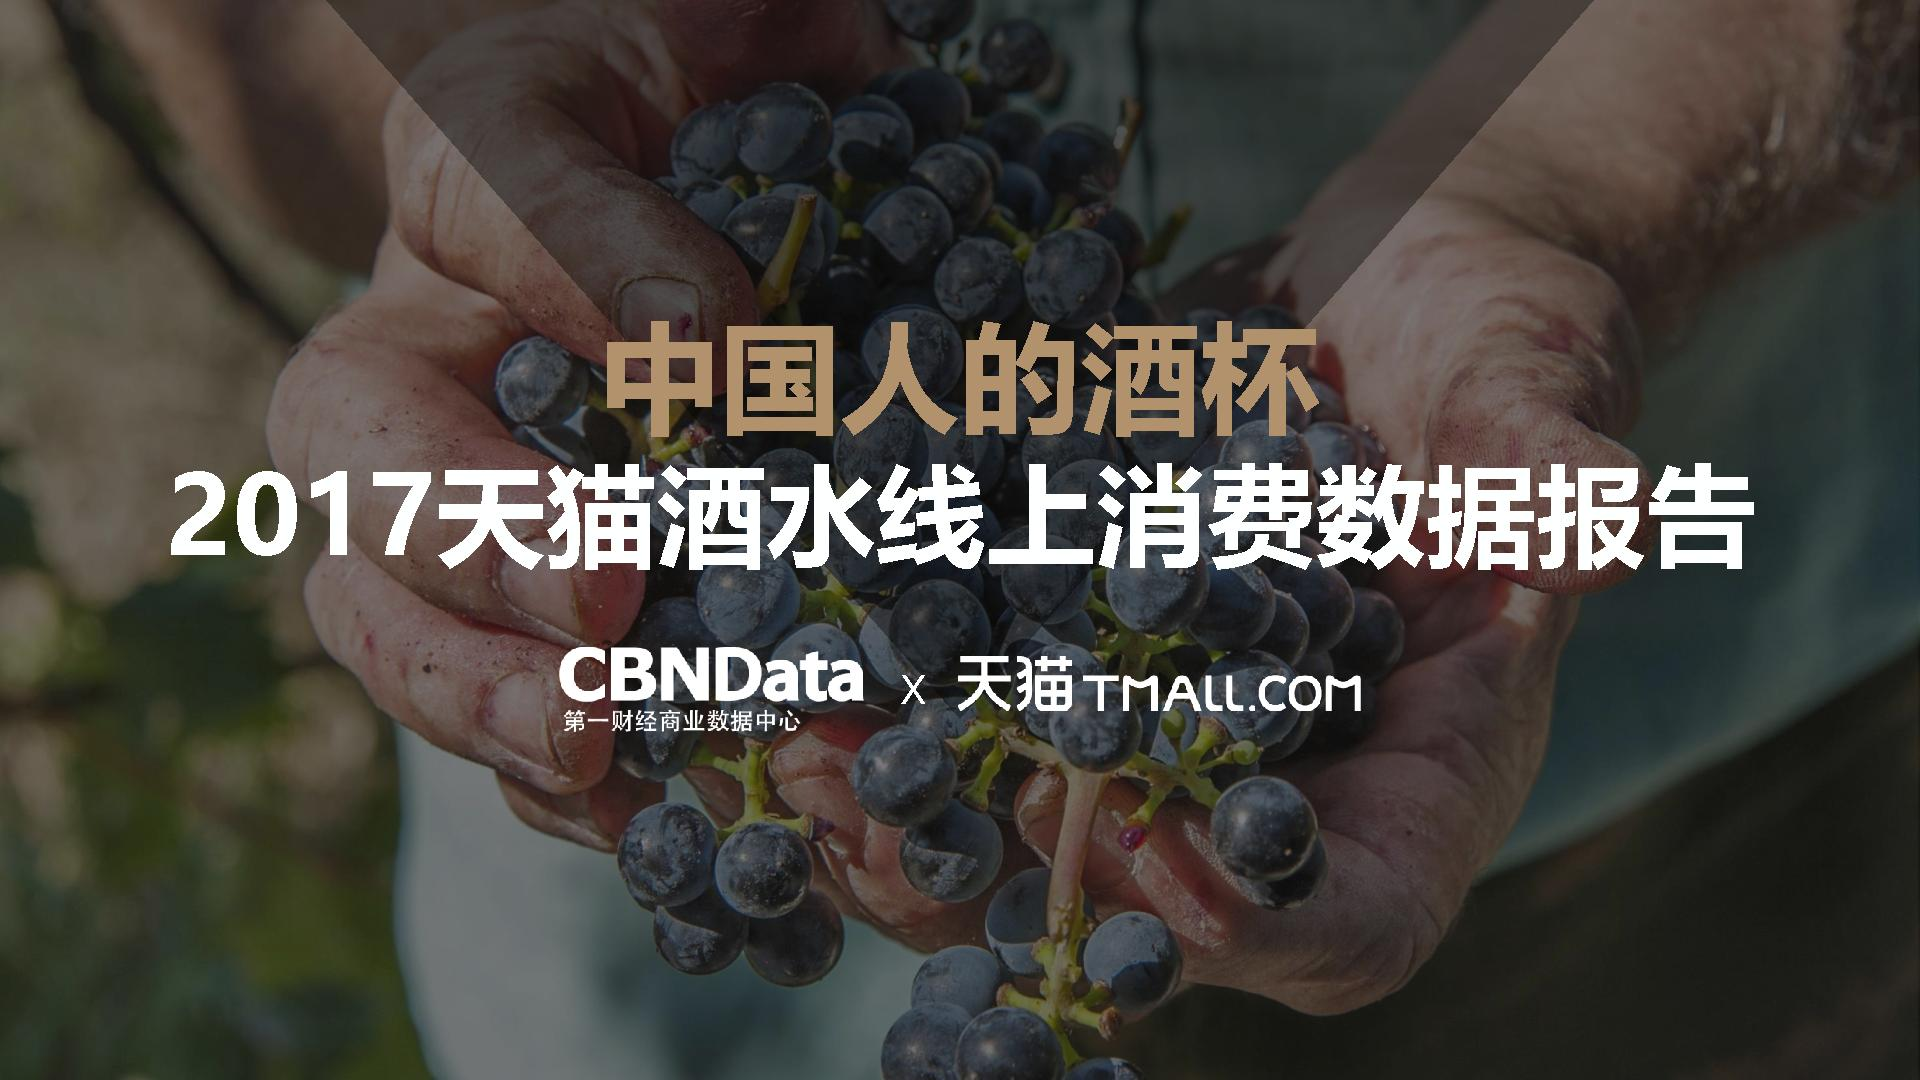 中国人的酒杯——2017天猫酒水线上消费数据报告